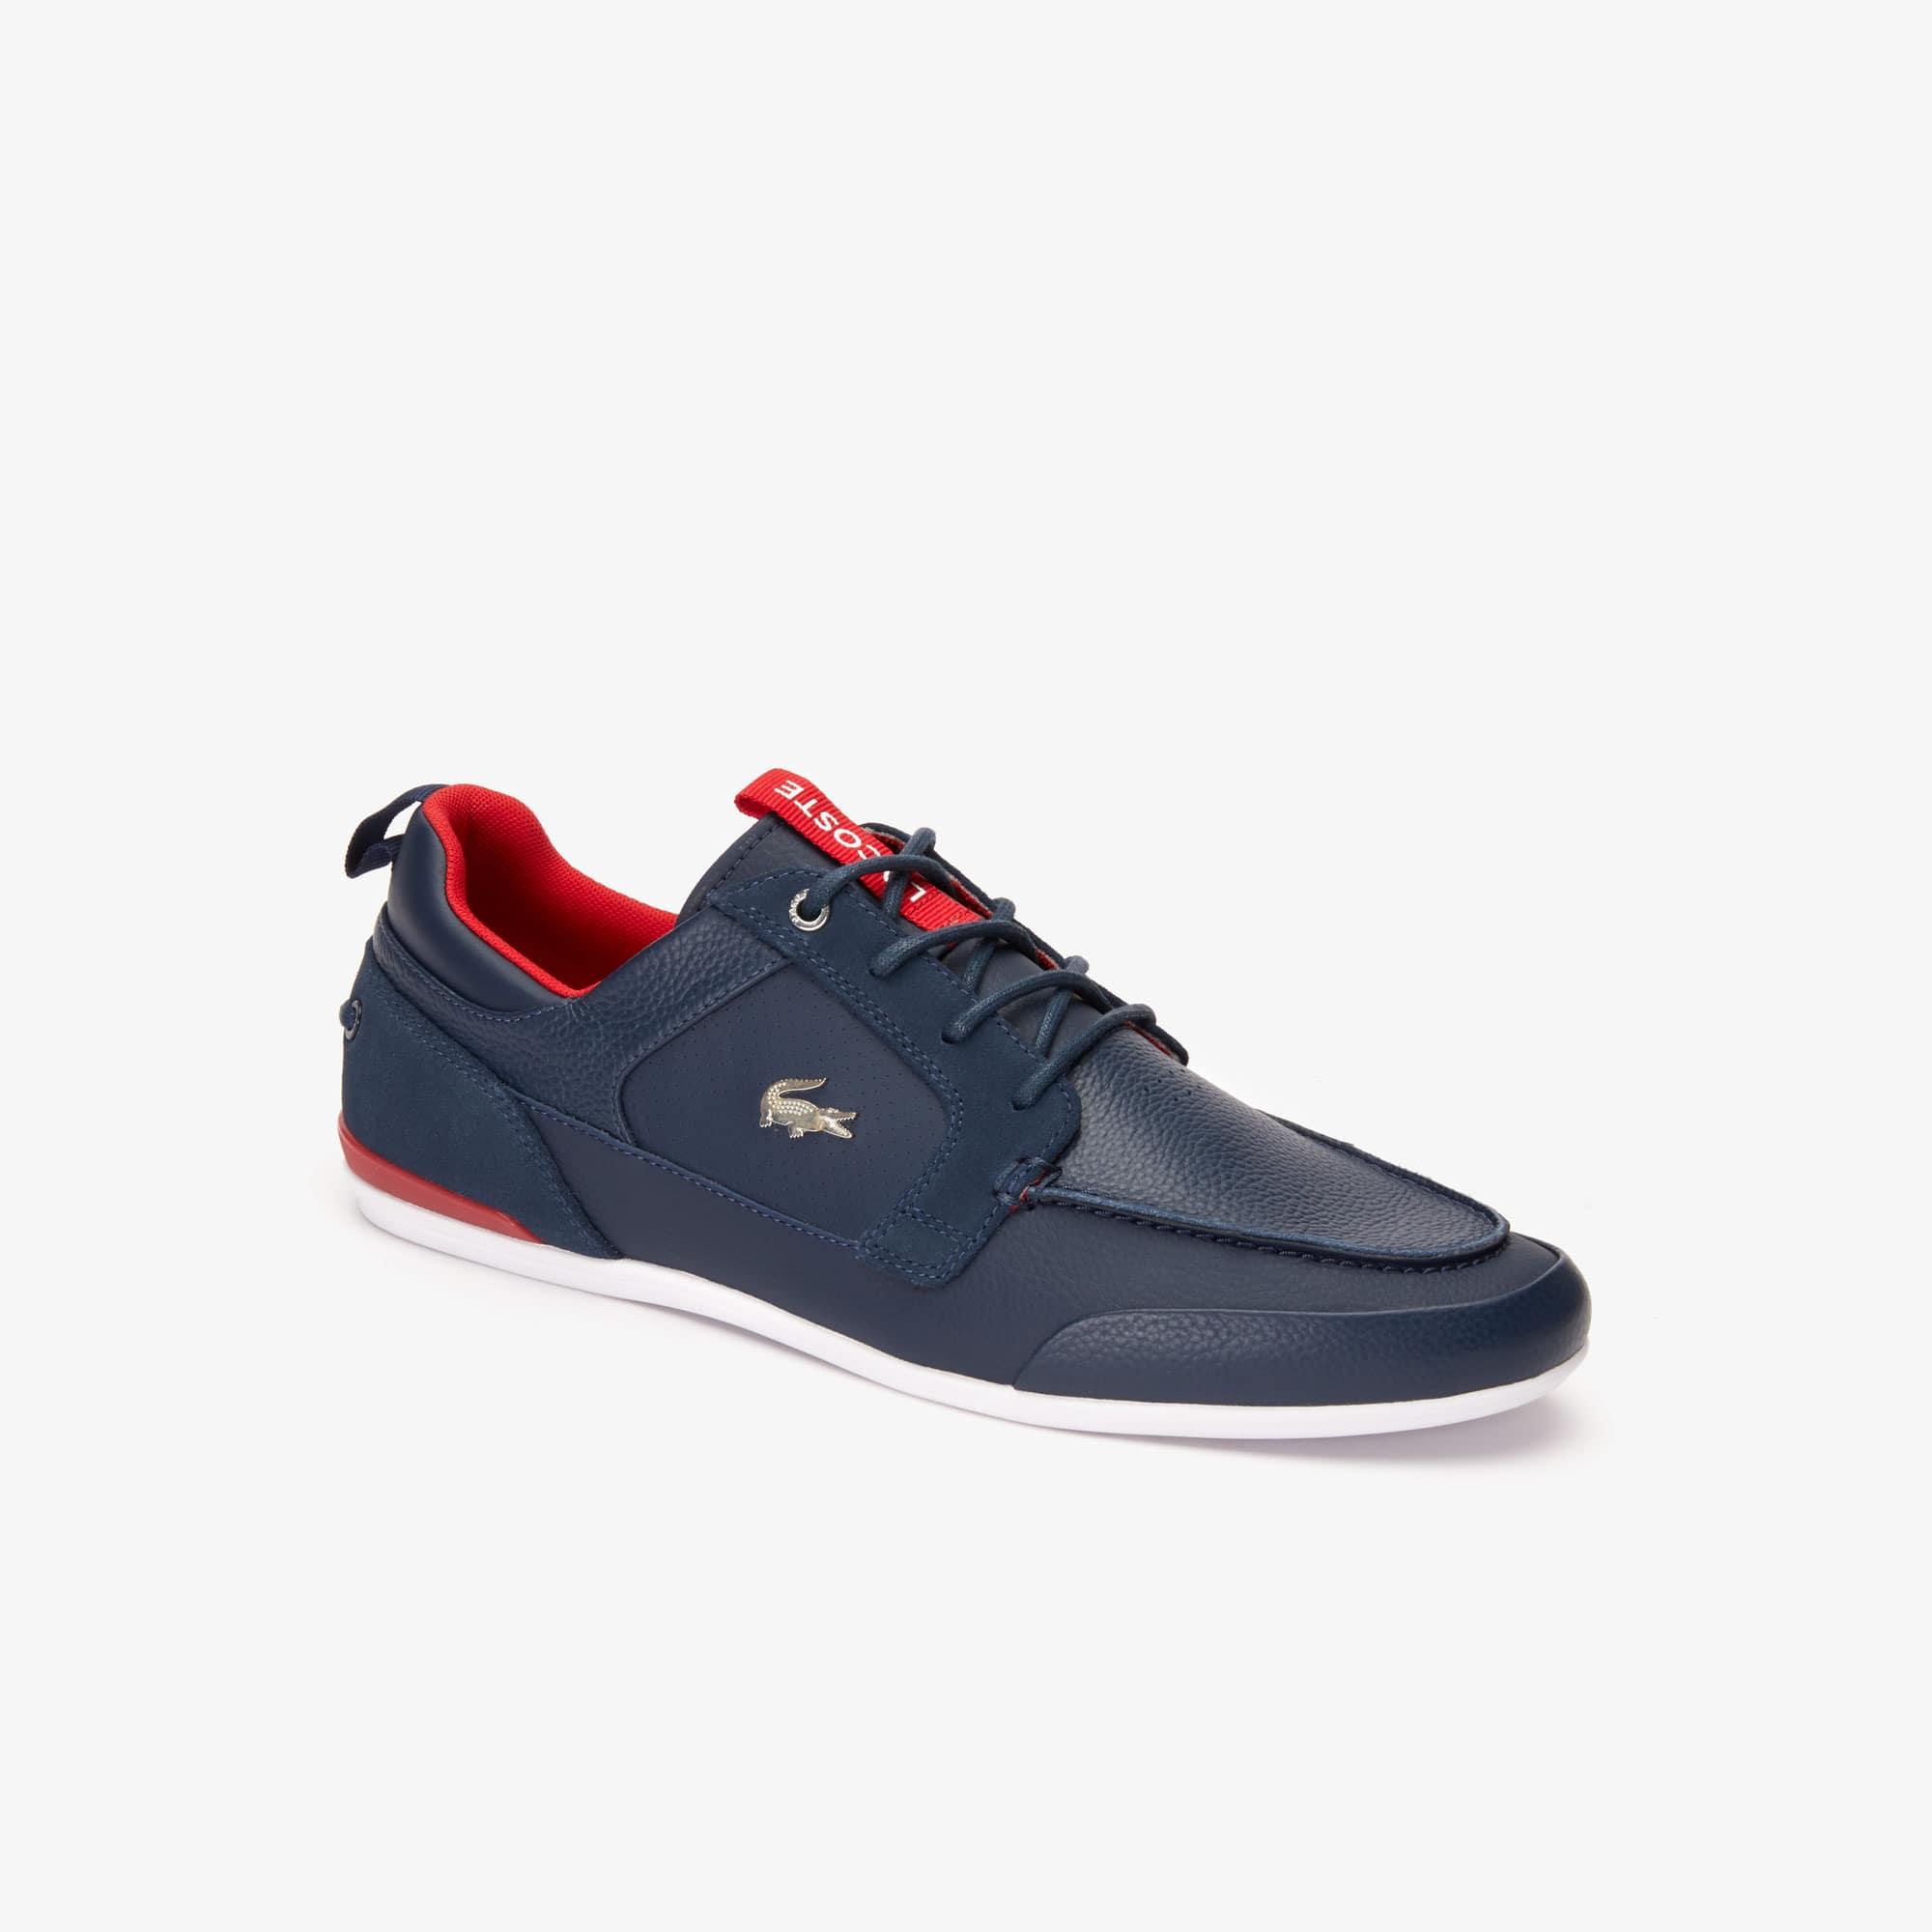 szczegółowe obrazy dobra obsługa Hurt Men's Shoes | Shoes for Men | LACOSTE